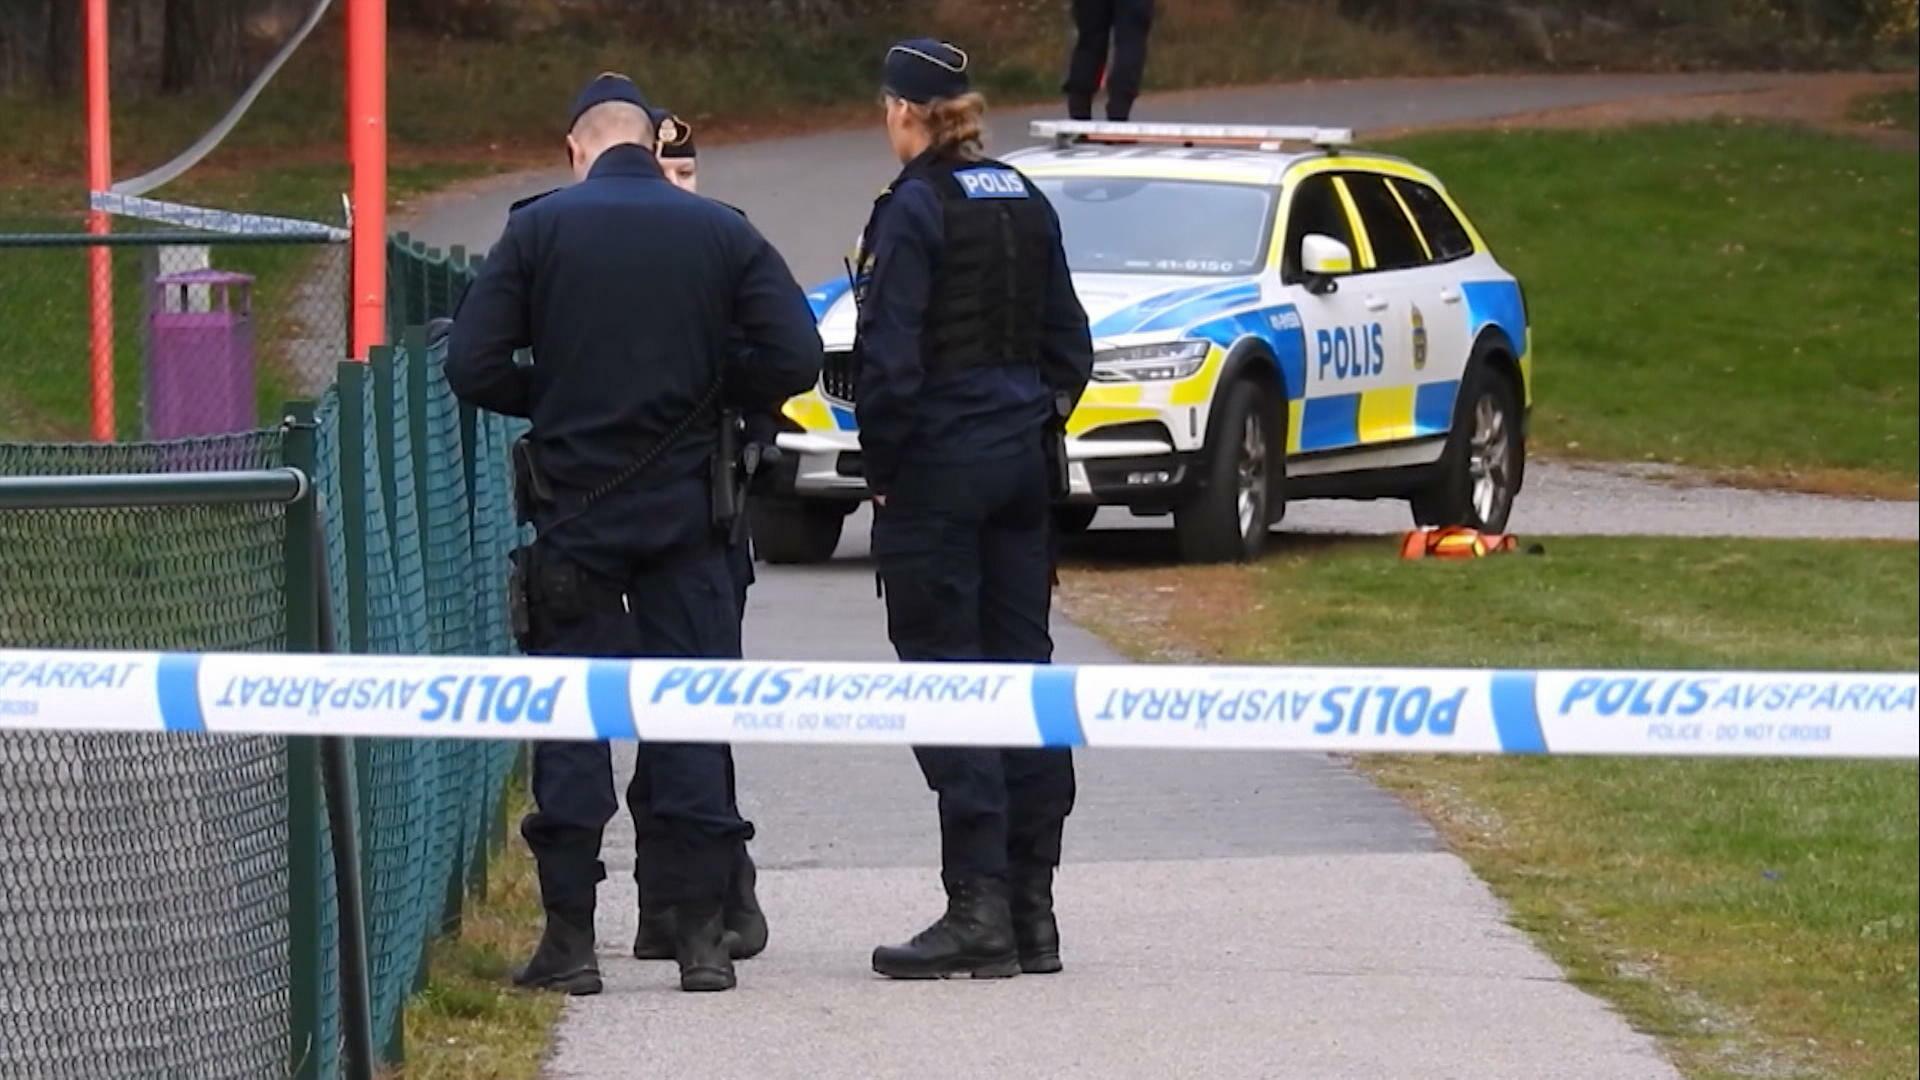 Barn blev vittnen till skjutning nära skola i Eskilstuna